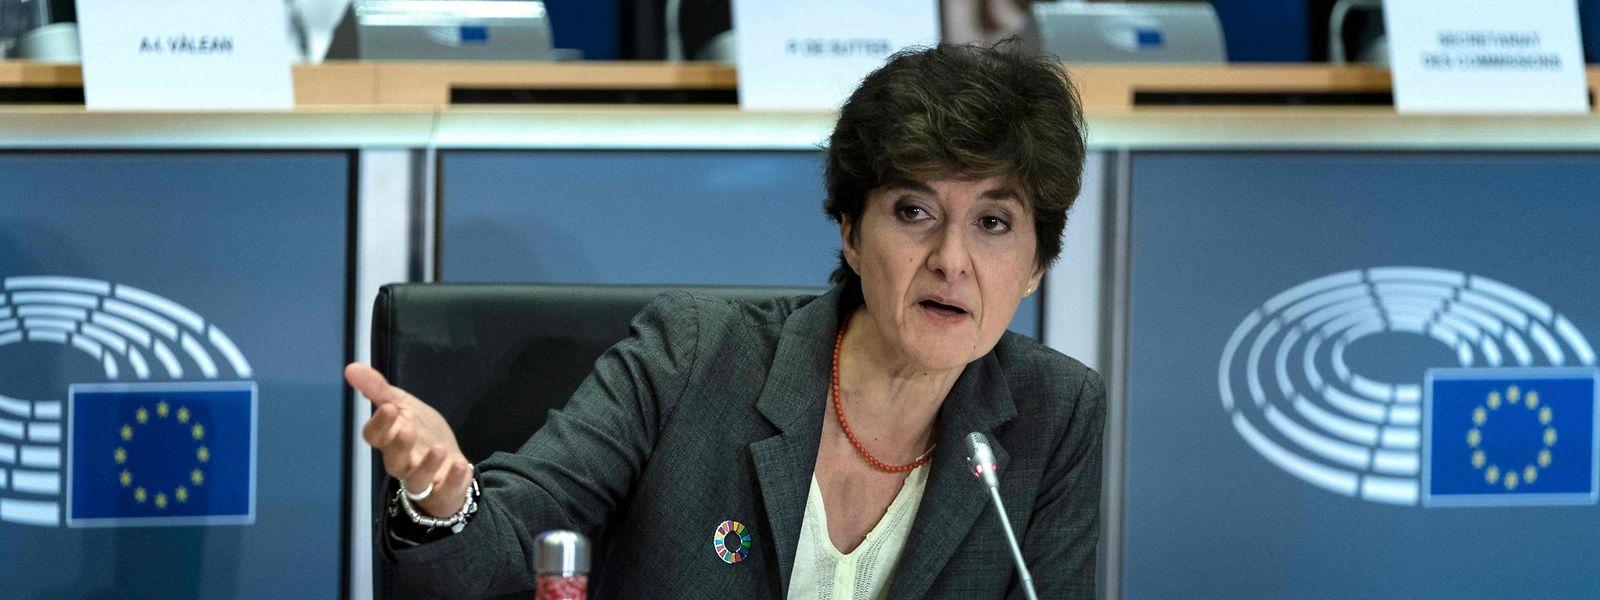 Sylvie Goulard am Donnerstag bei einer eineinhalbstündigen Anhörung im Europaparlament.